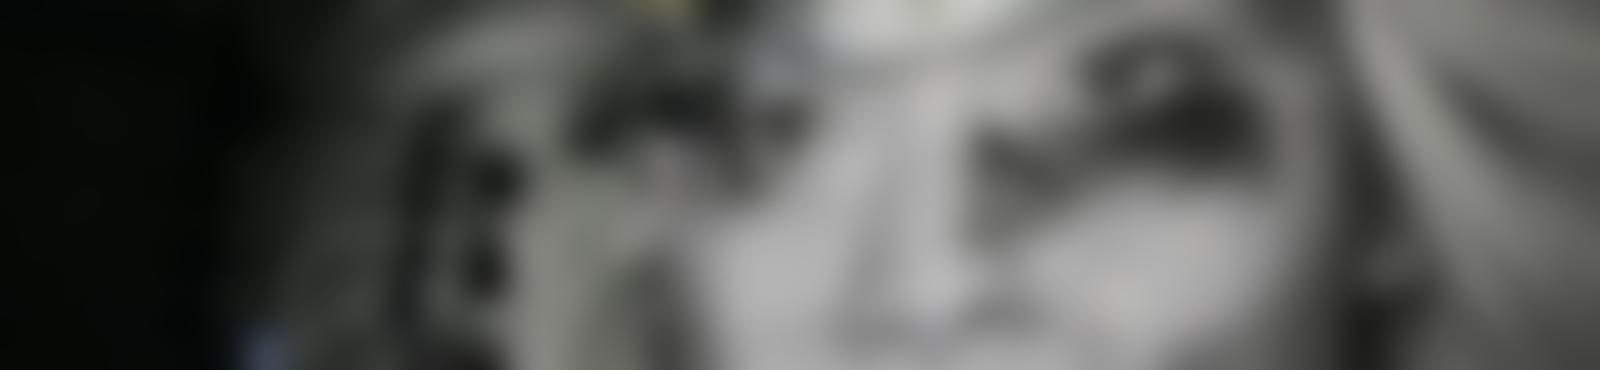 Blurred 5262a05c 2fff 4180 bb1f 072c83a0ac0c